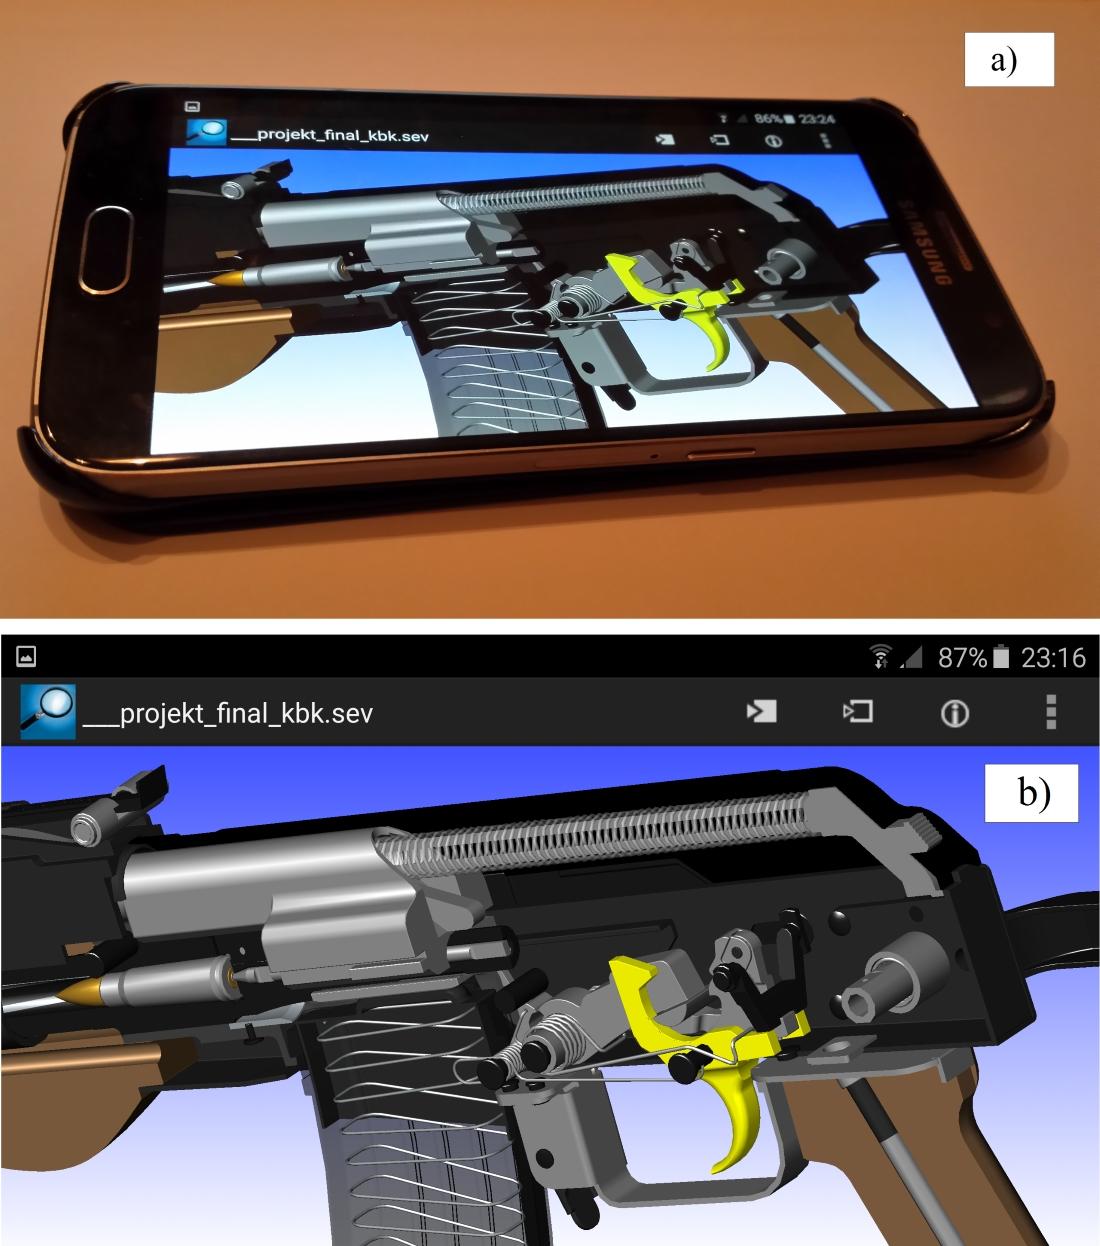 Zastosowanie bezpłatnej oraz intuicyjnej przeglądarki SOLID EDGE MOBILE VIEWER do wizualizacji broni palnej